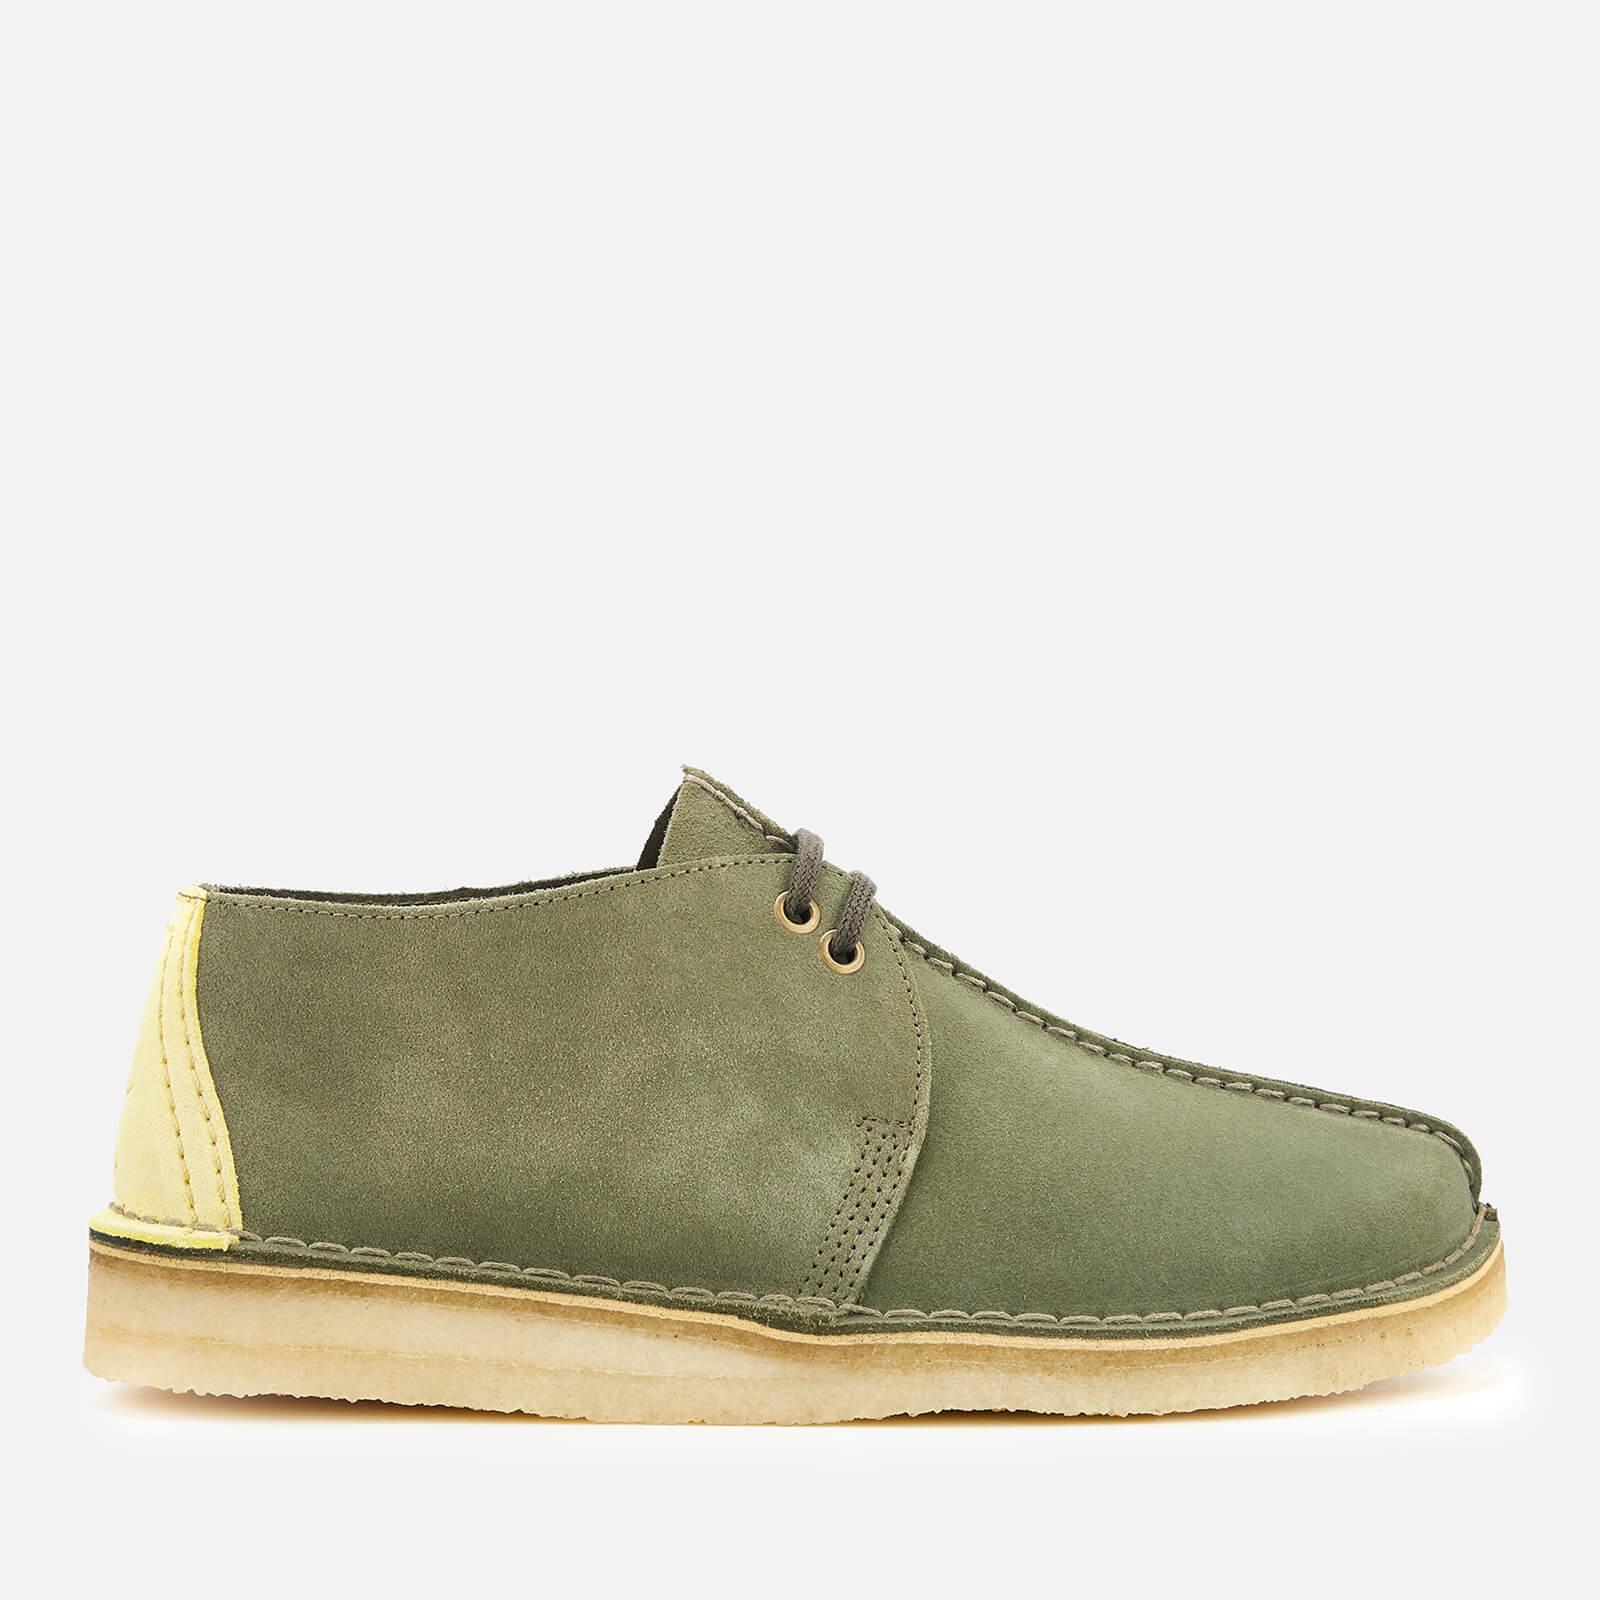 Clarks Originals Men's Desert Trek Suede Shoes Sage